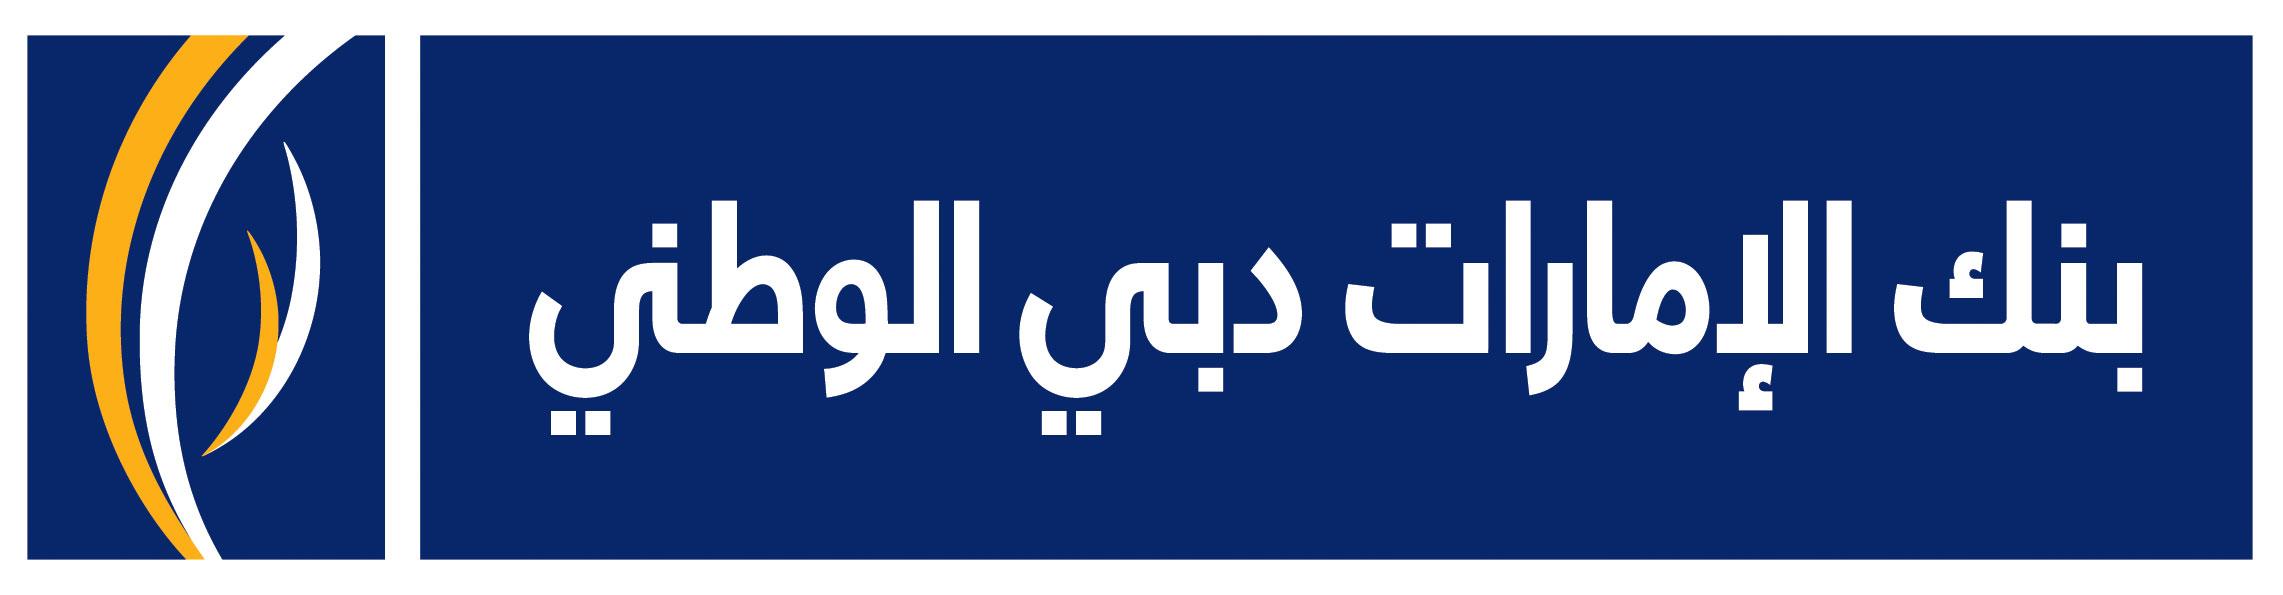 بنك الإمارات دبي الوطني الحساب الجاري